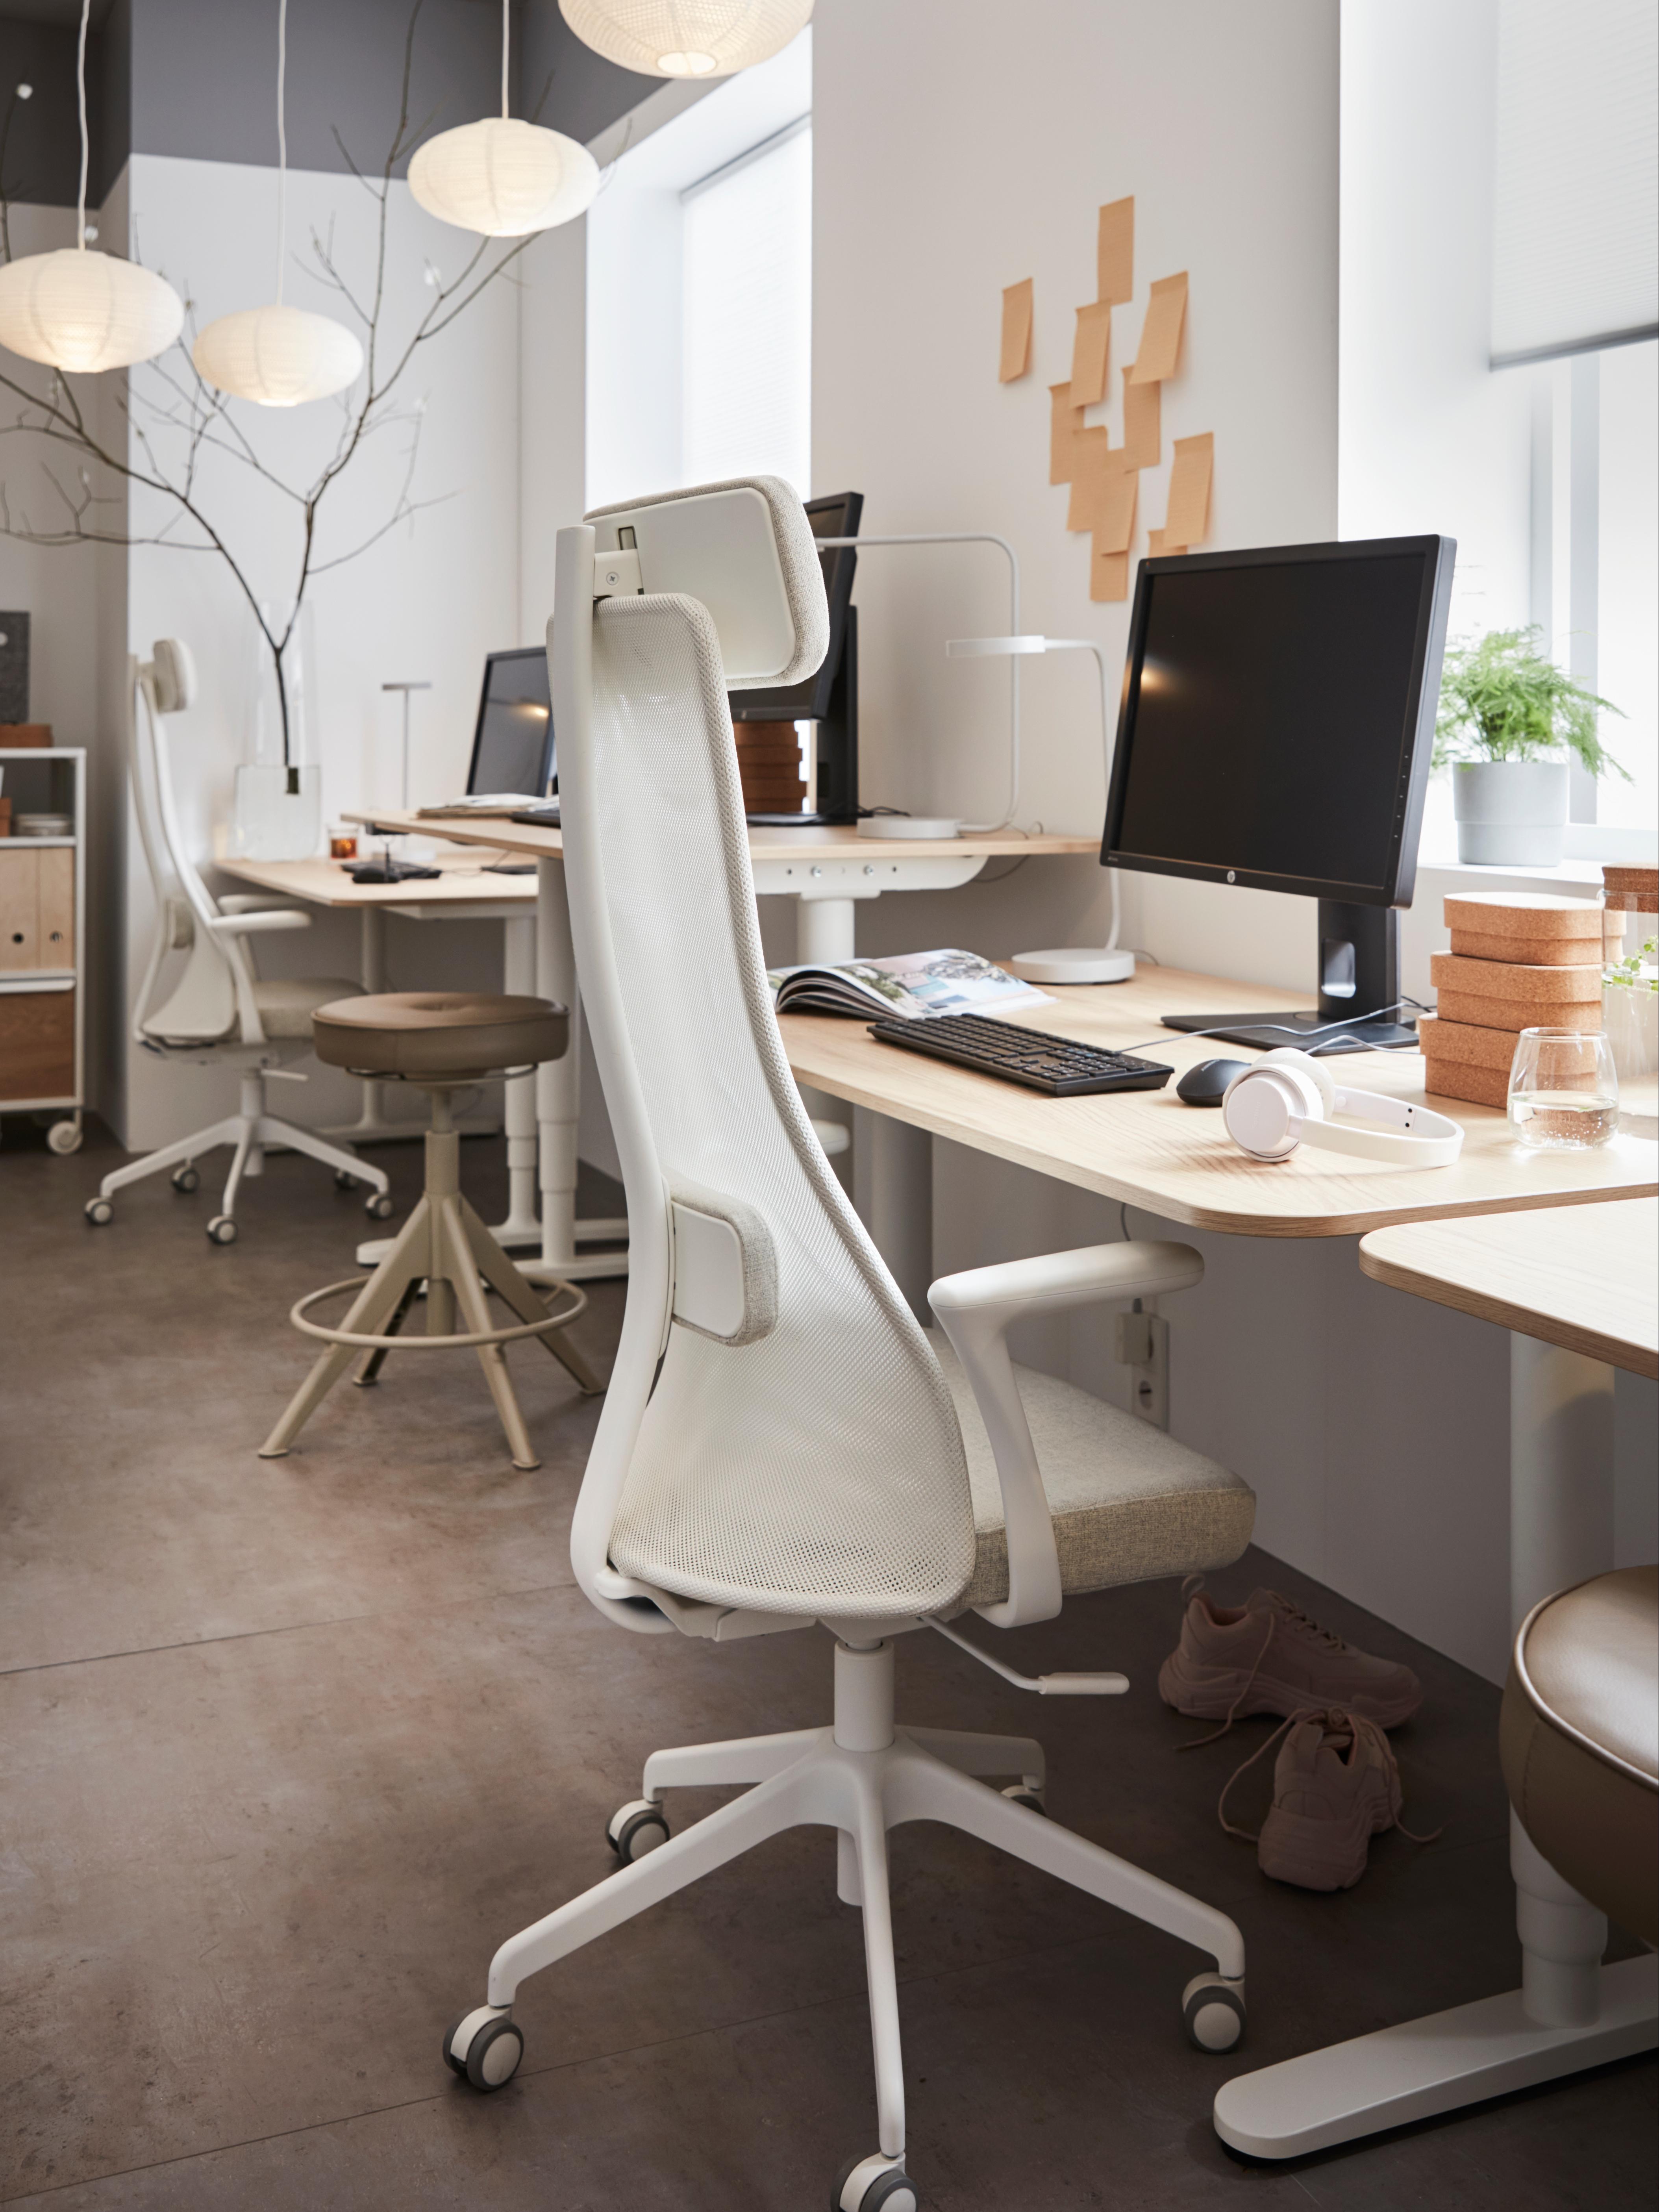 Sedia da ufficio alta JÄRVFJÄLLET beige e bianca con braccioli e rotelle, vicino a scrivanie di varie altezze.